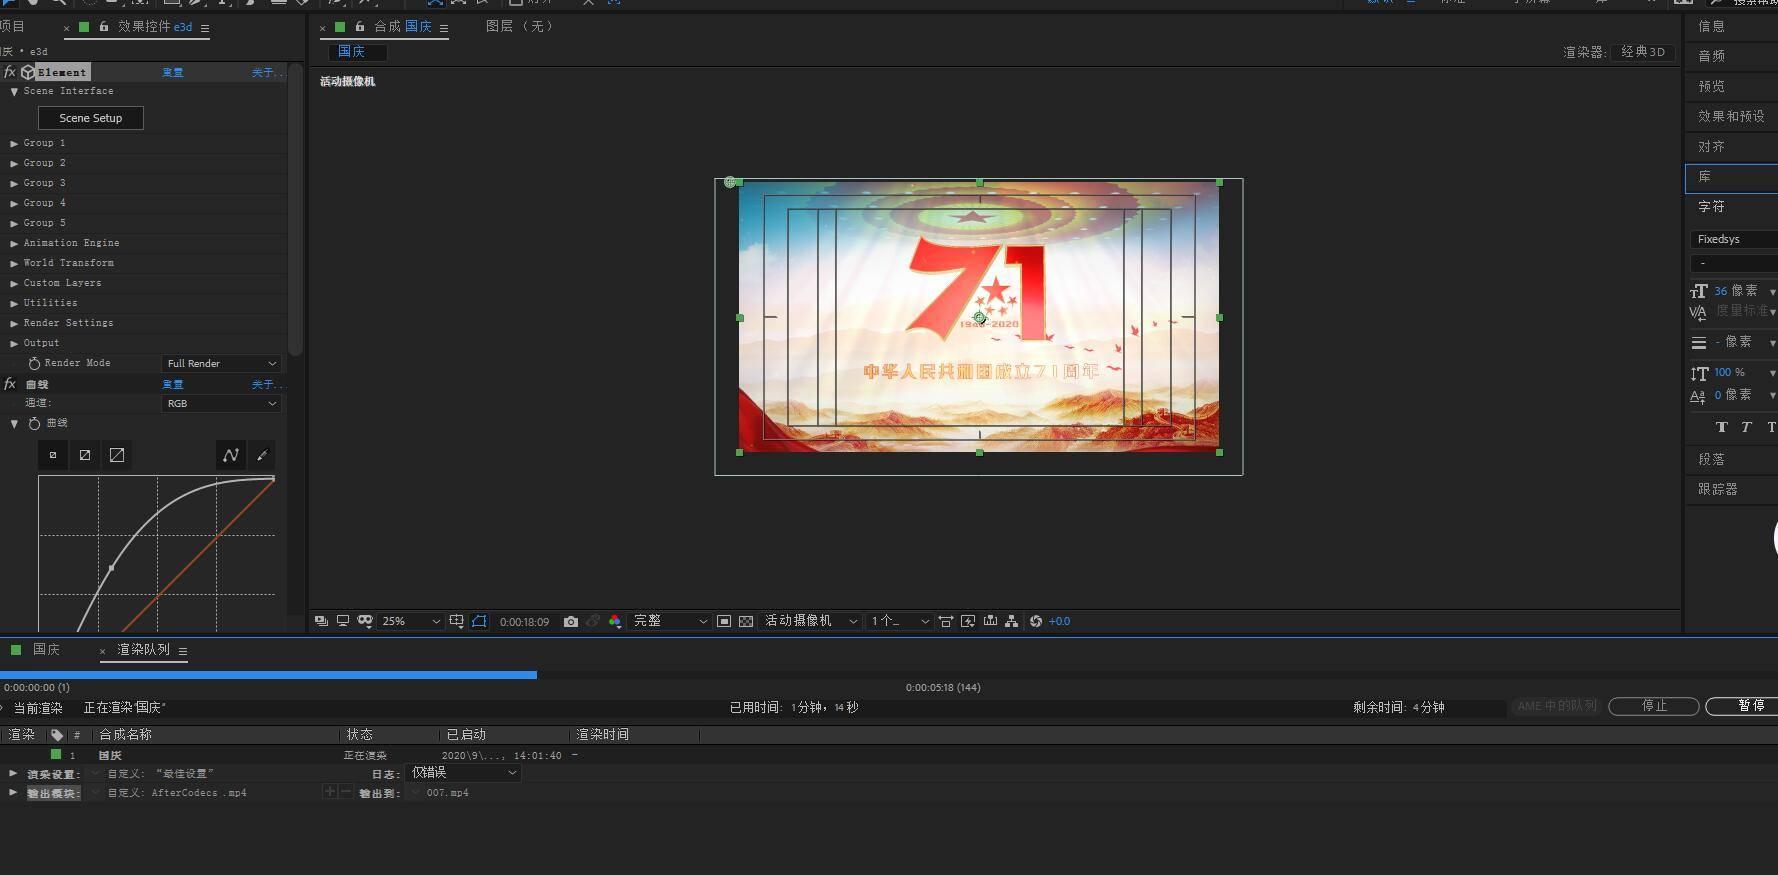 新中国成立71周年国庆节开场视频片头AE模板 logo/片头-第4张